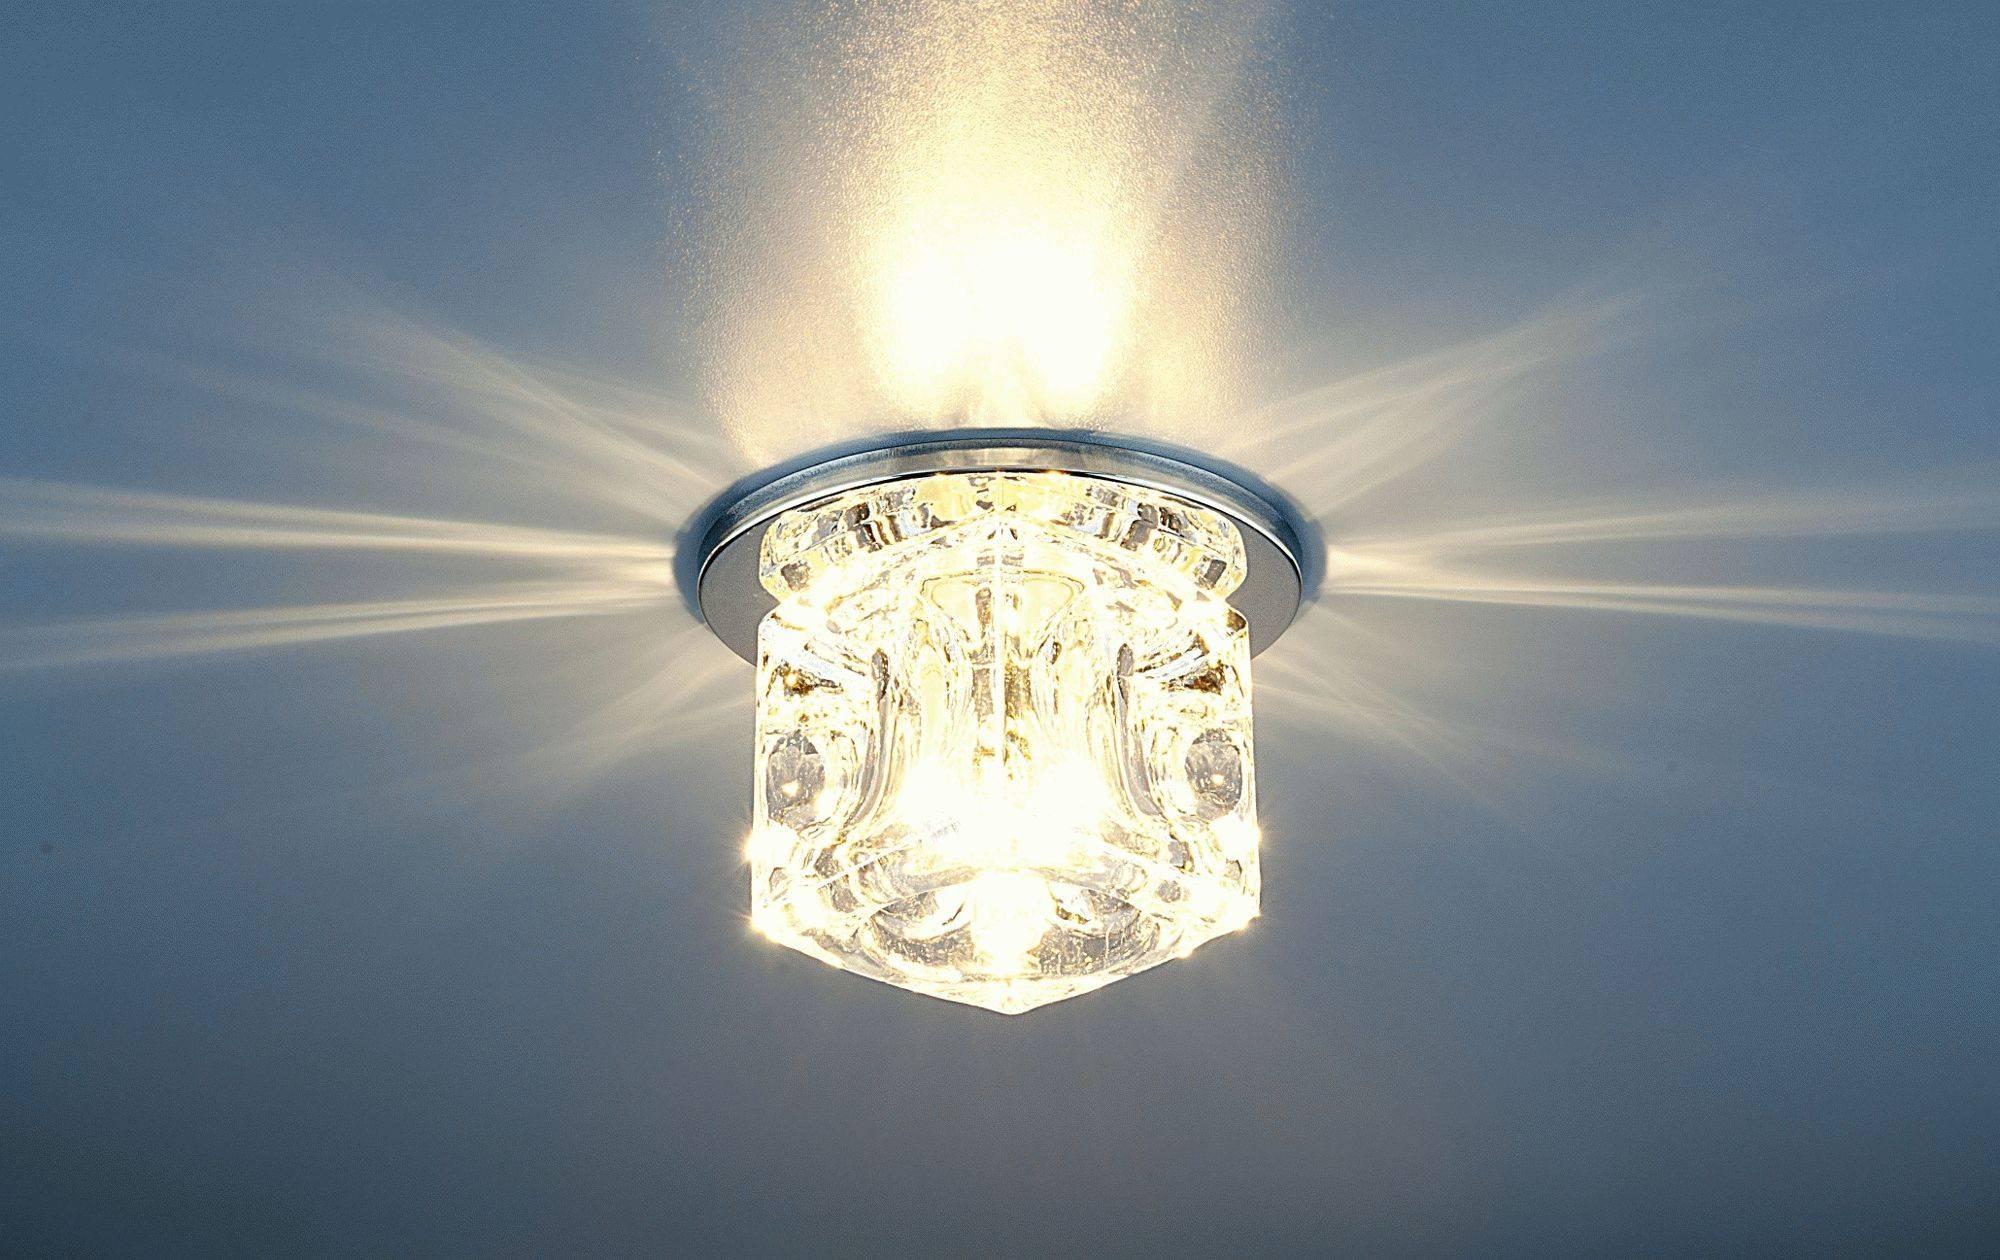 Офисные светодиодные светильники - обзор лучших вариантов с пошаговой инструкцией